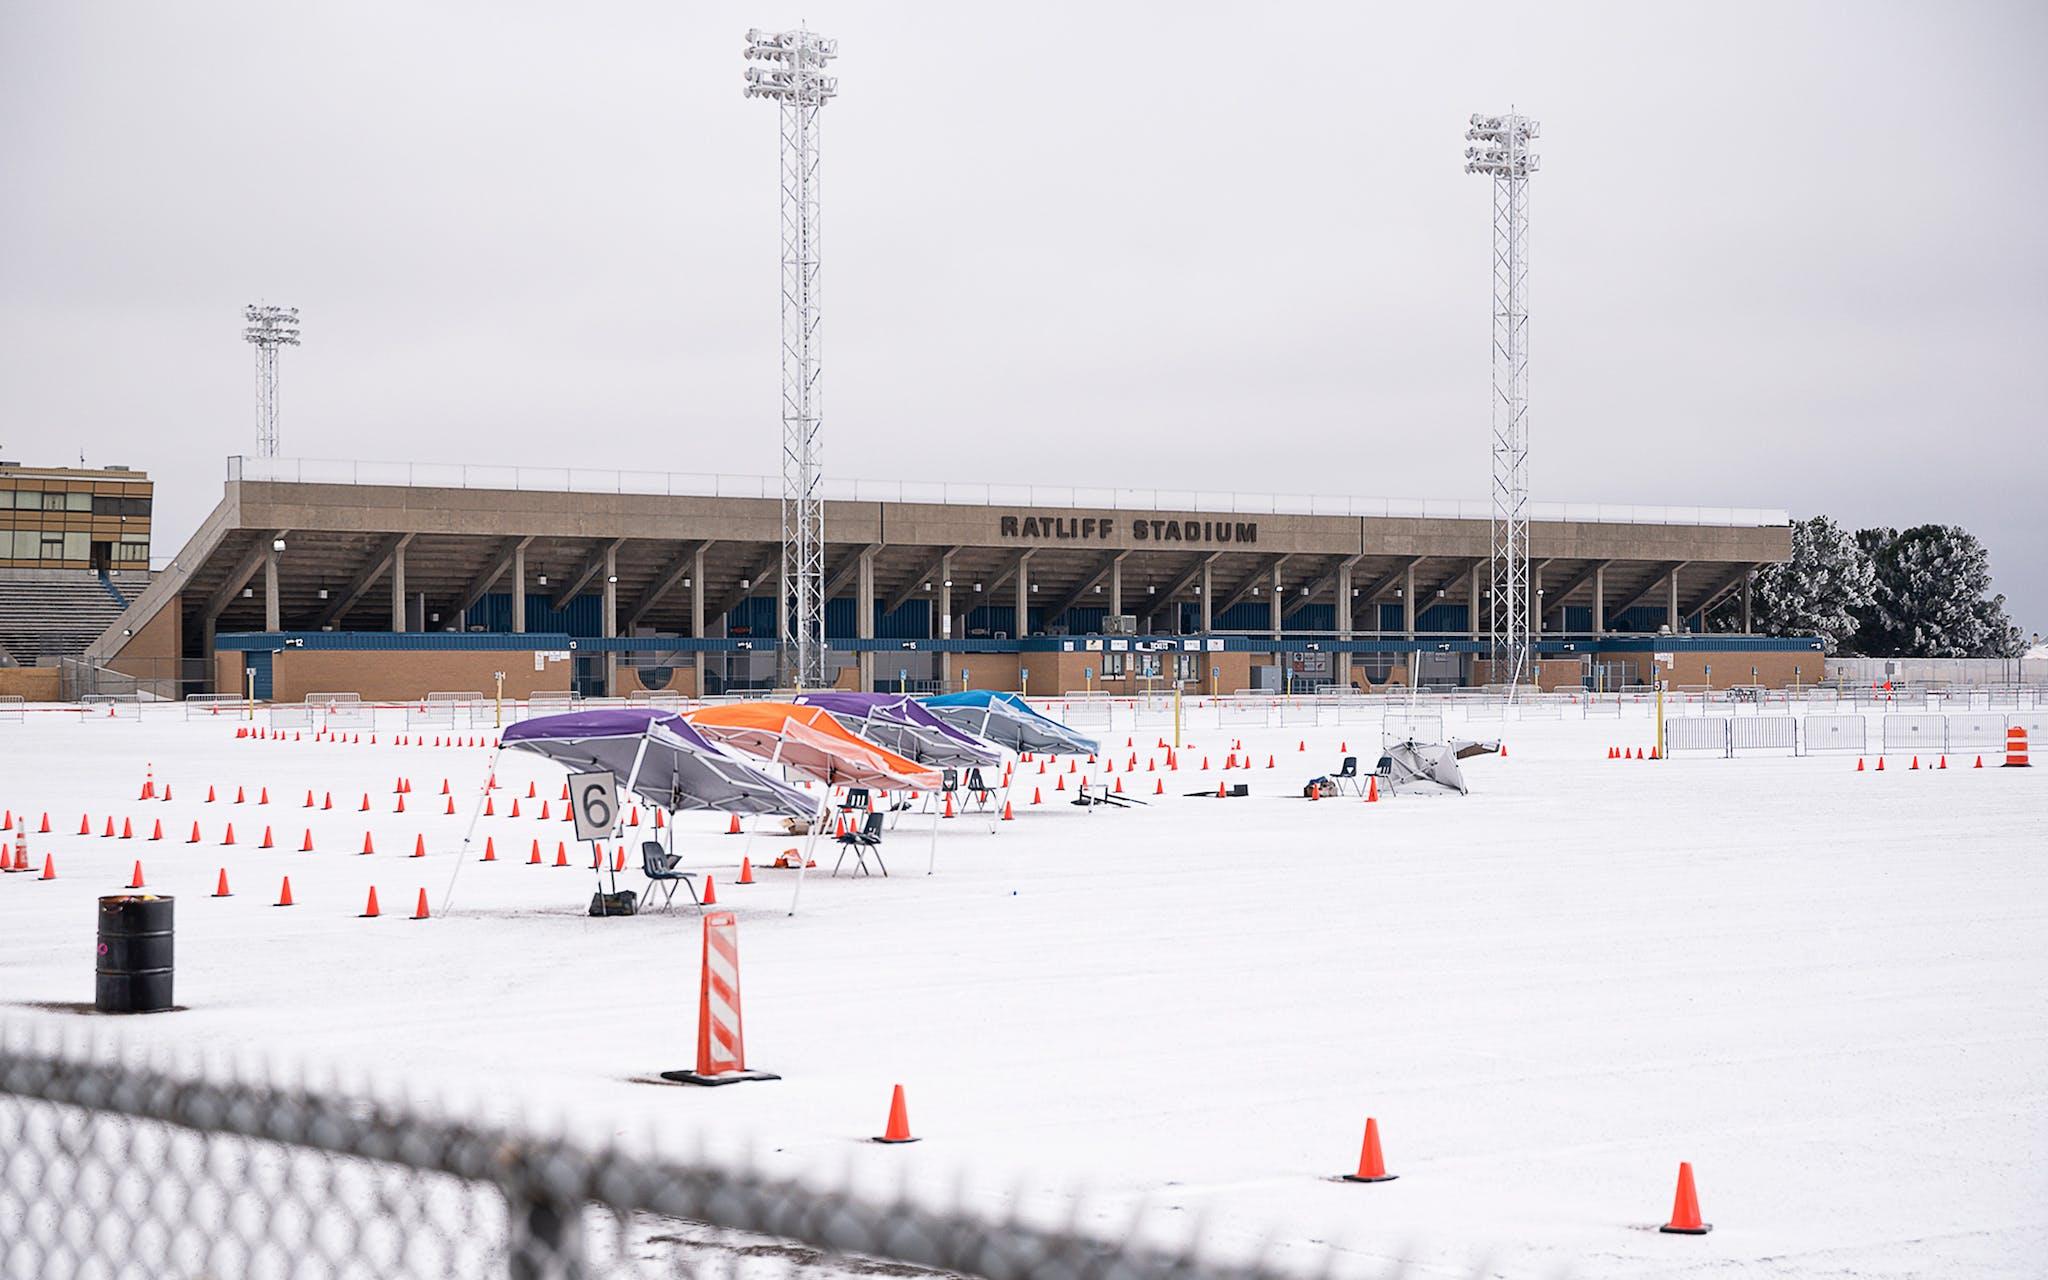 snow-storm-texas-2021-odesssa